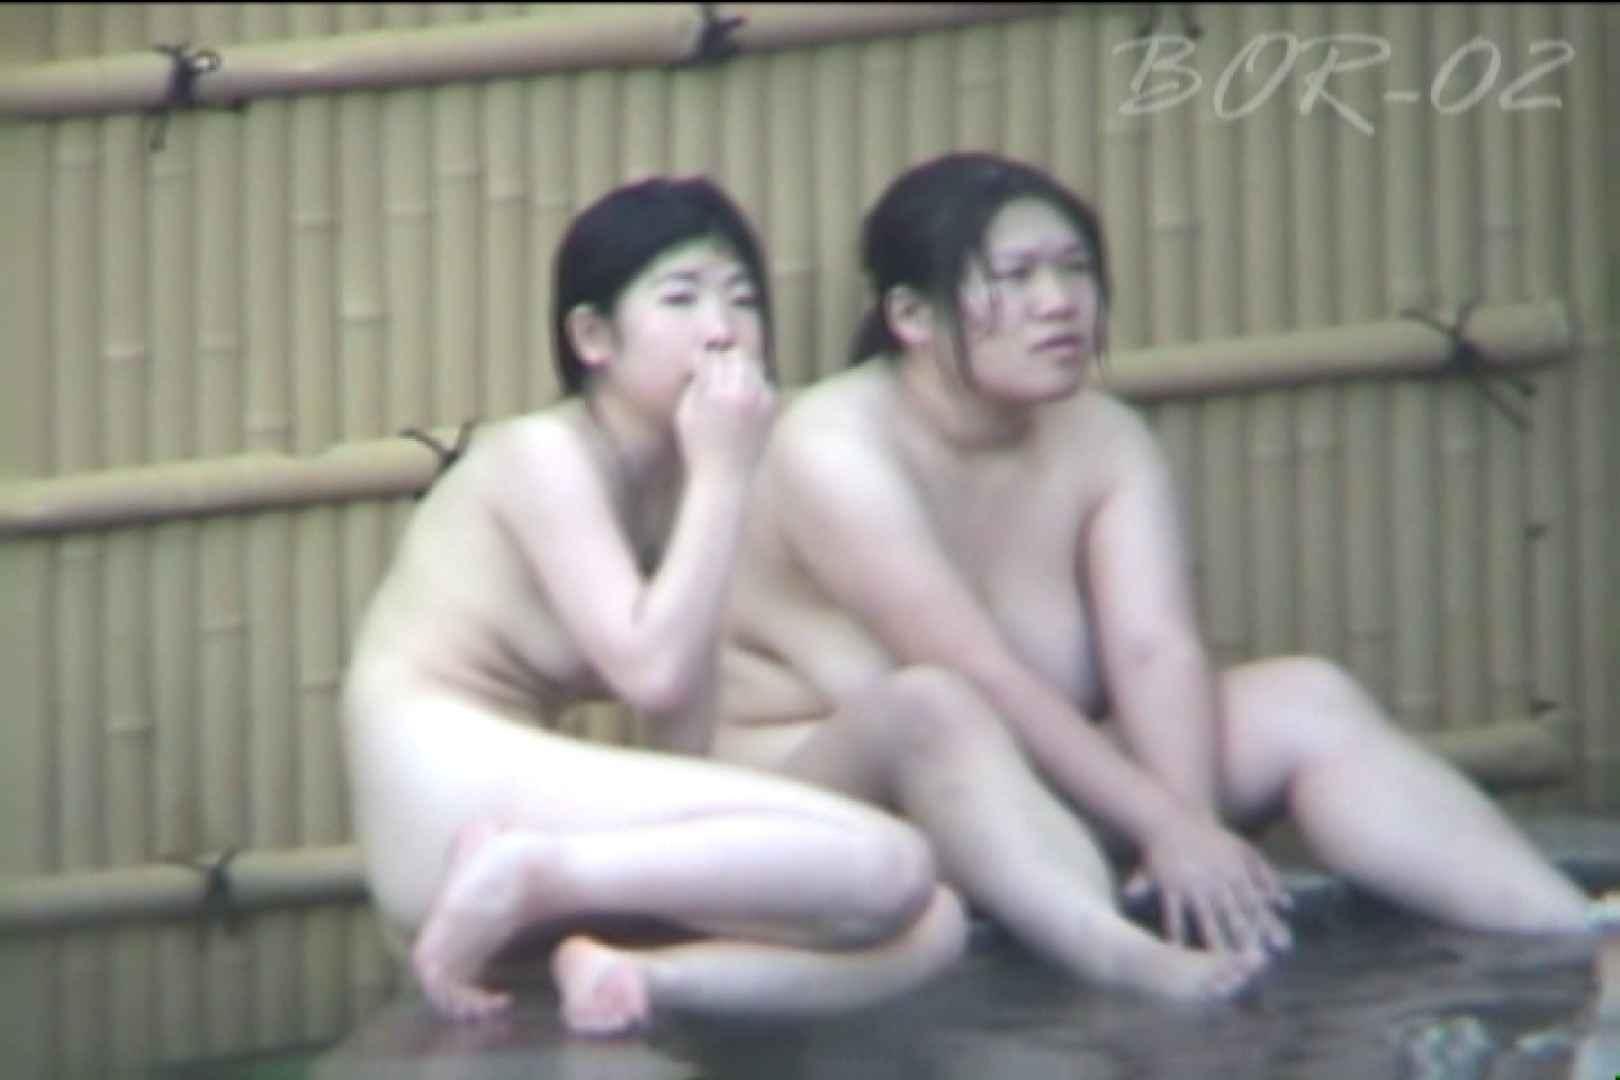 Aquaな露天風呂Vol.471 美しいOLの裸体 のぞき動画画像 70pic 23